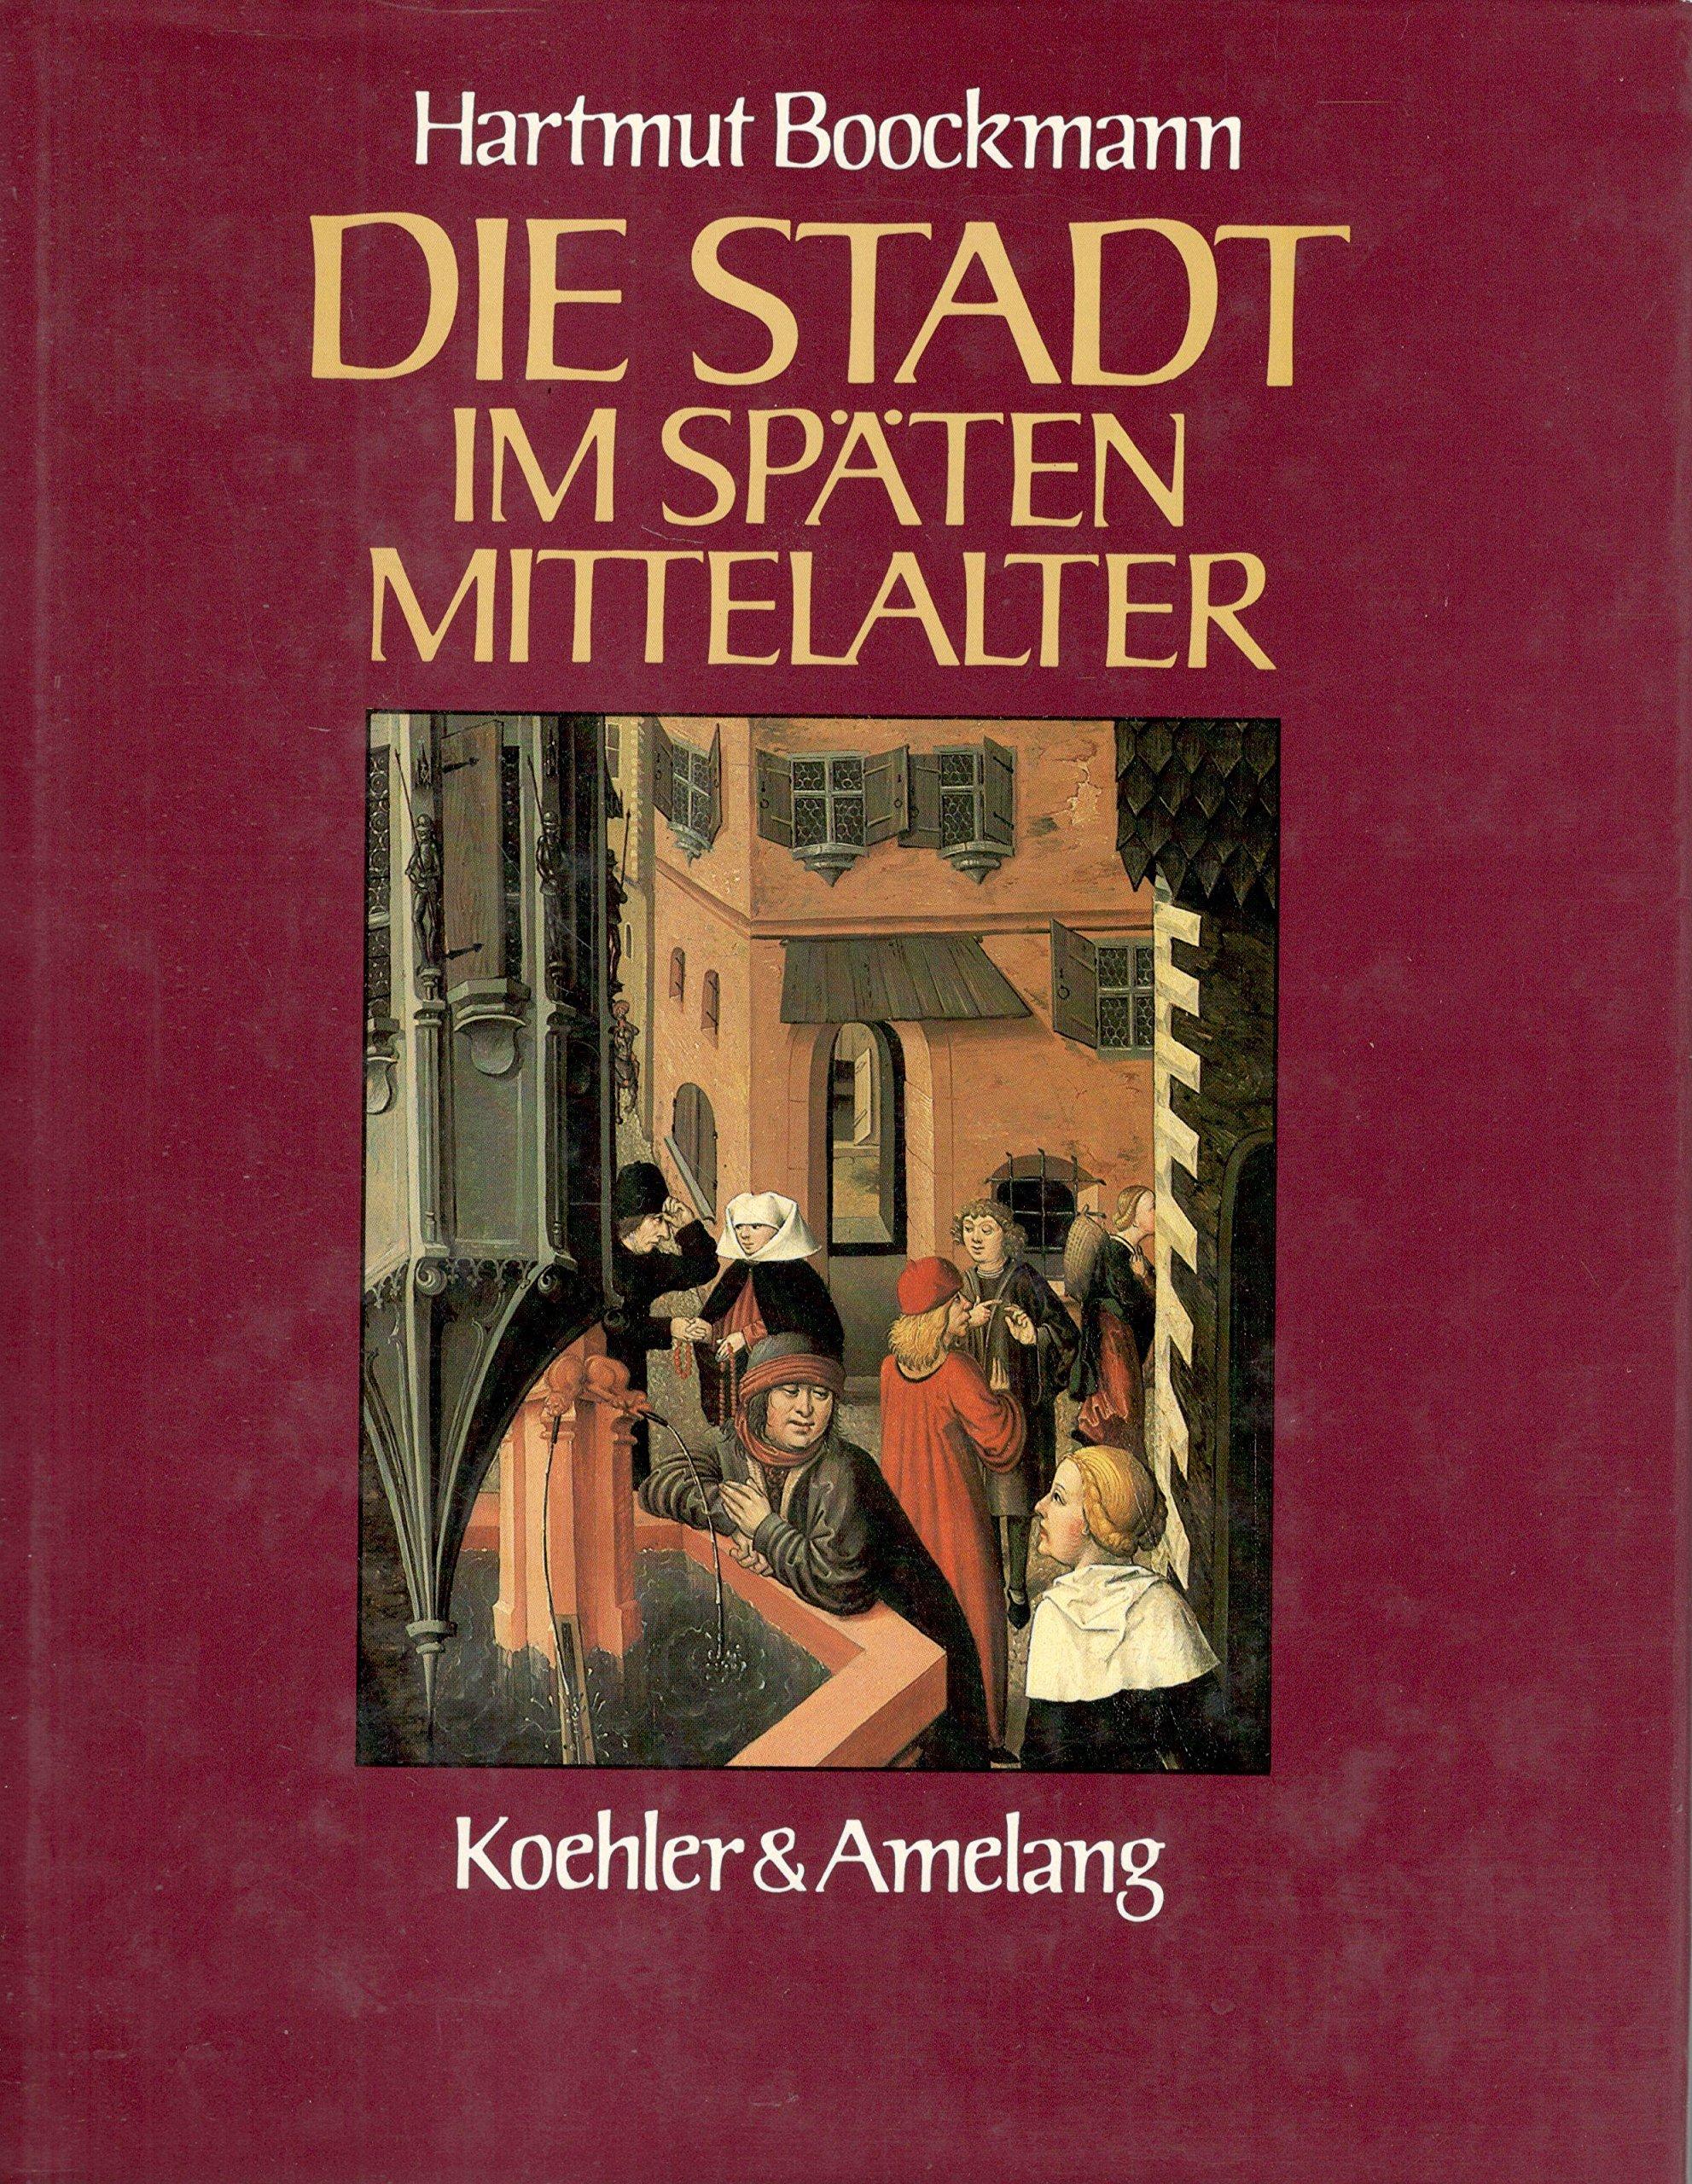 Die Stadt im späten Mittelalter Gebundenes Buch – 3. Oktober 1986 Hartmut Boockmann C.H.Beck 3406315658 Geschichte